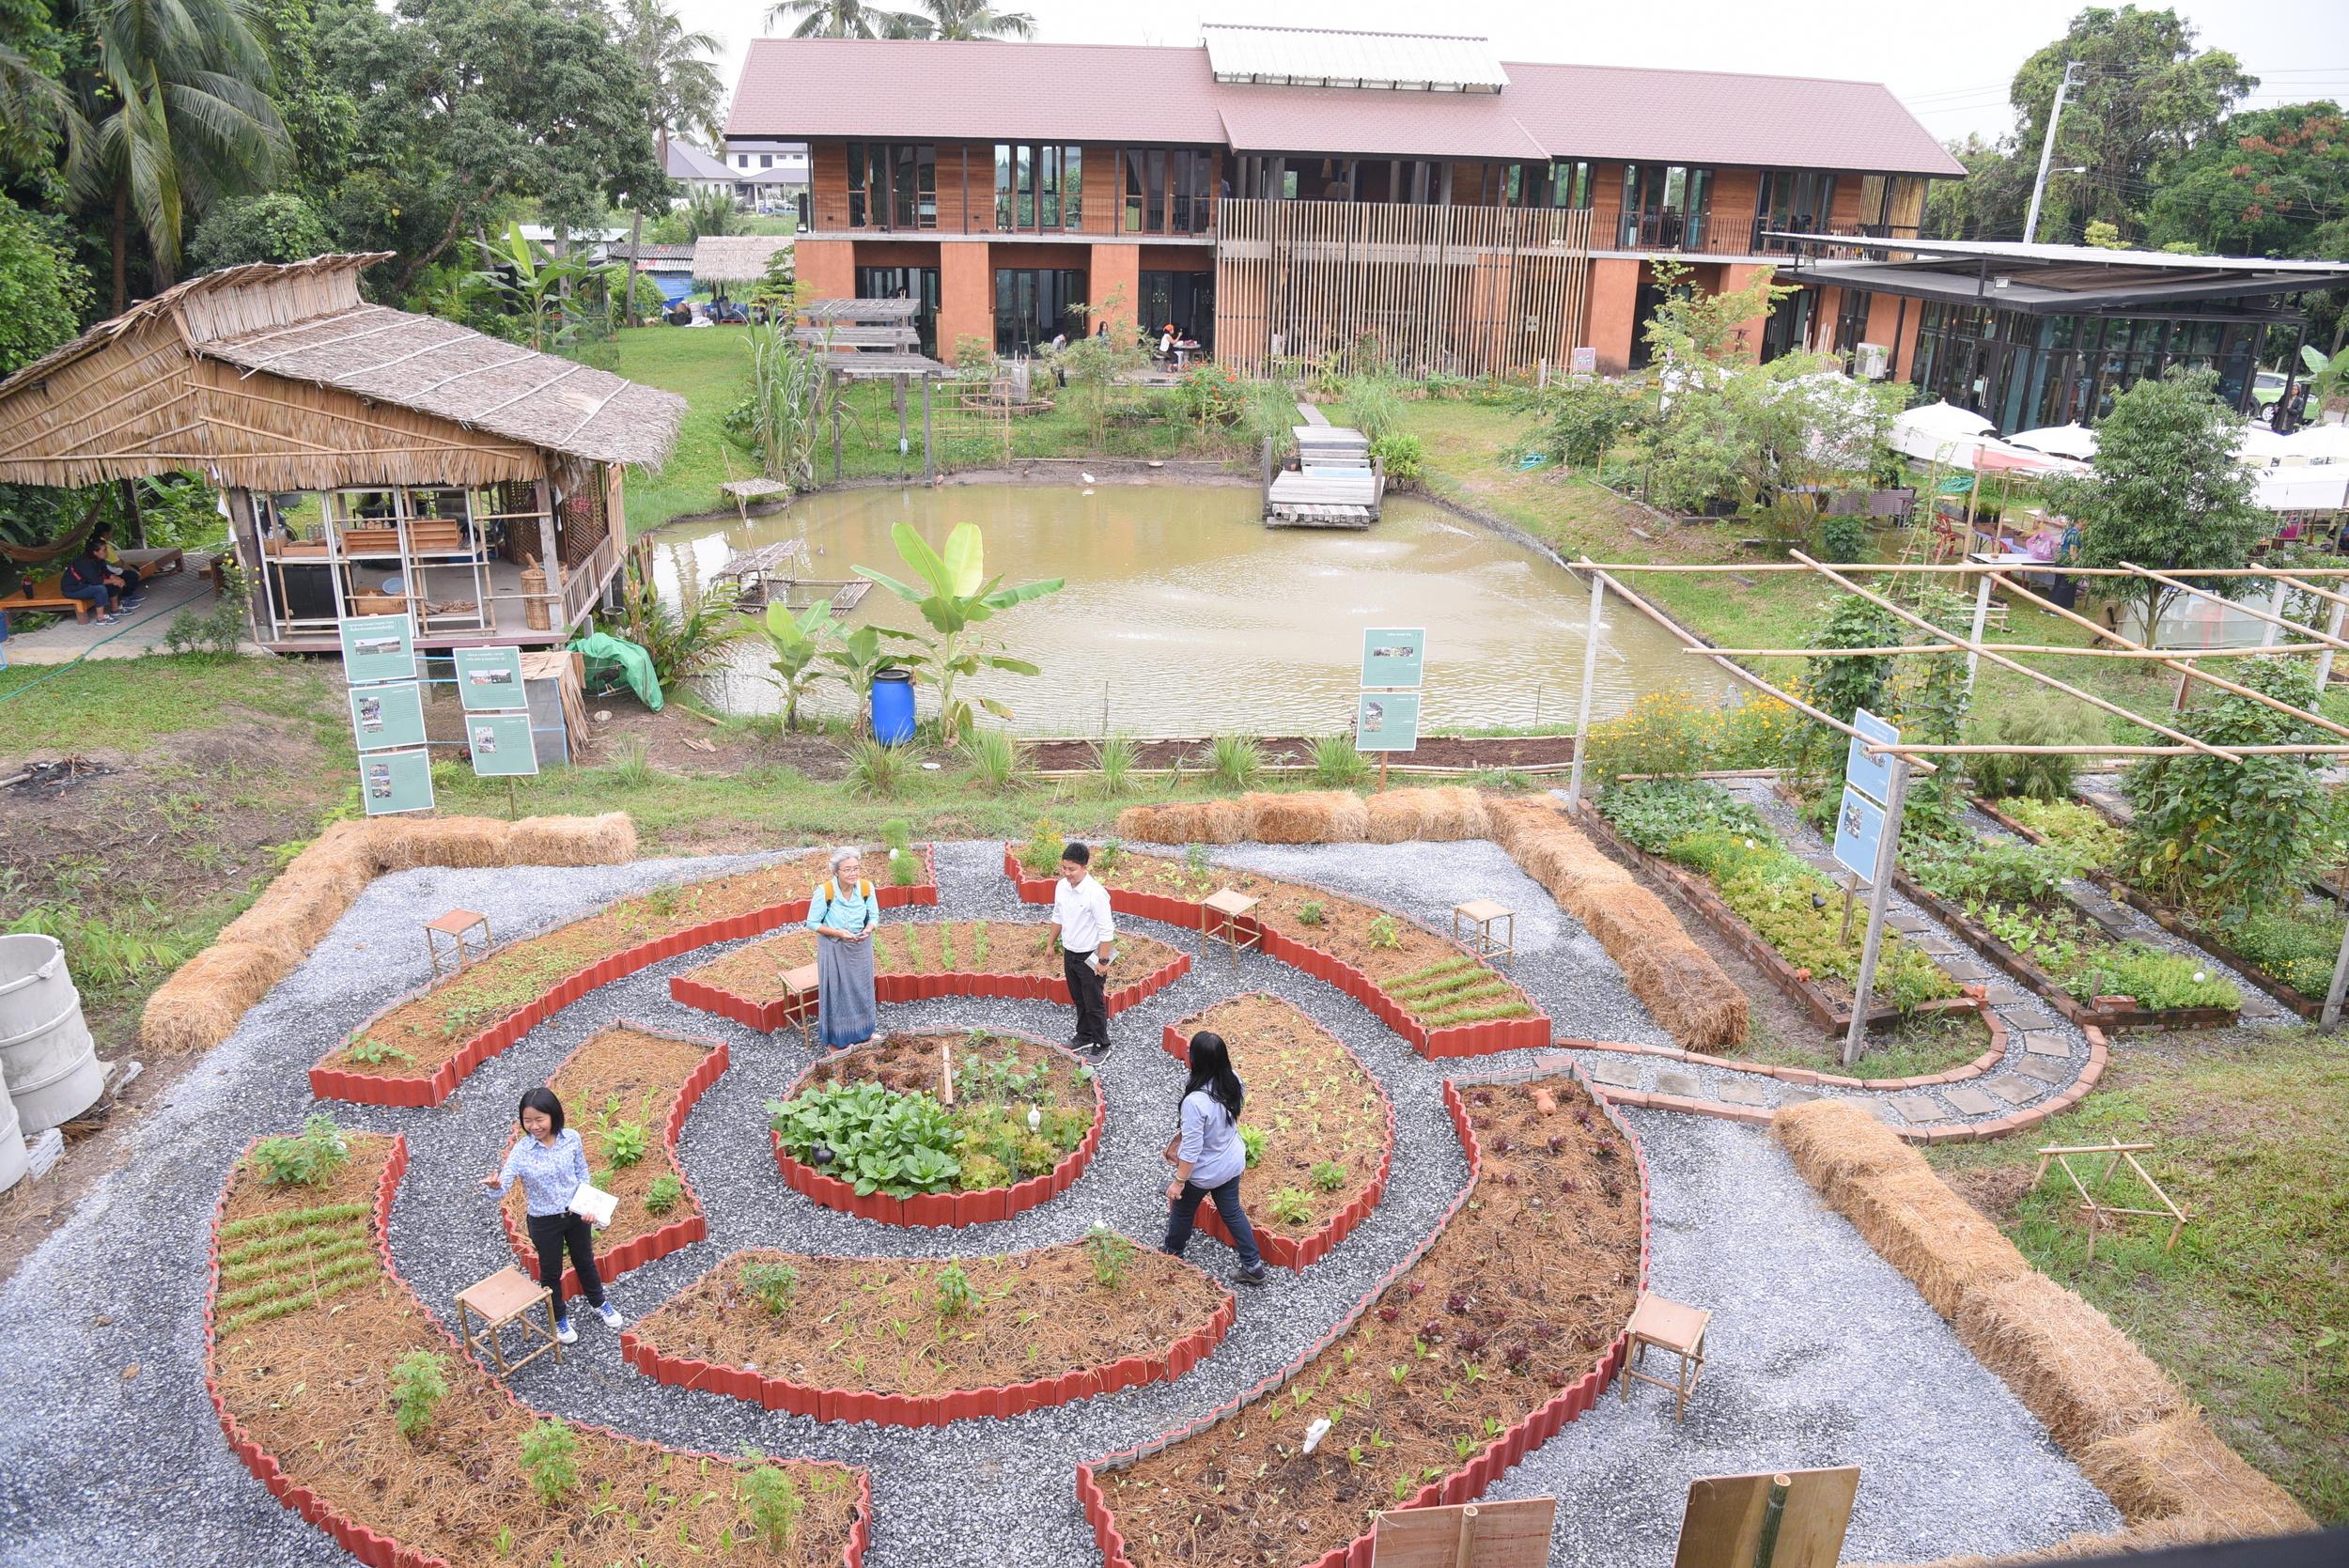 'สวนผักคนเมือง' แบ่งปันพื้นที่สร้างอาหารยั่งยืน thaihealth